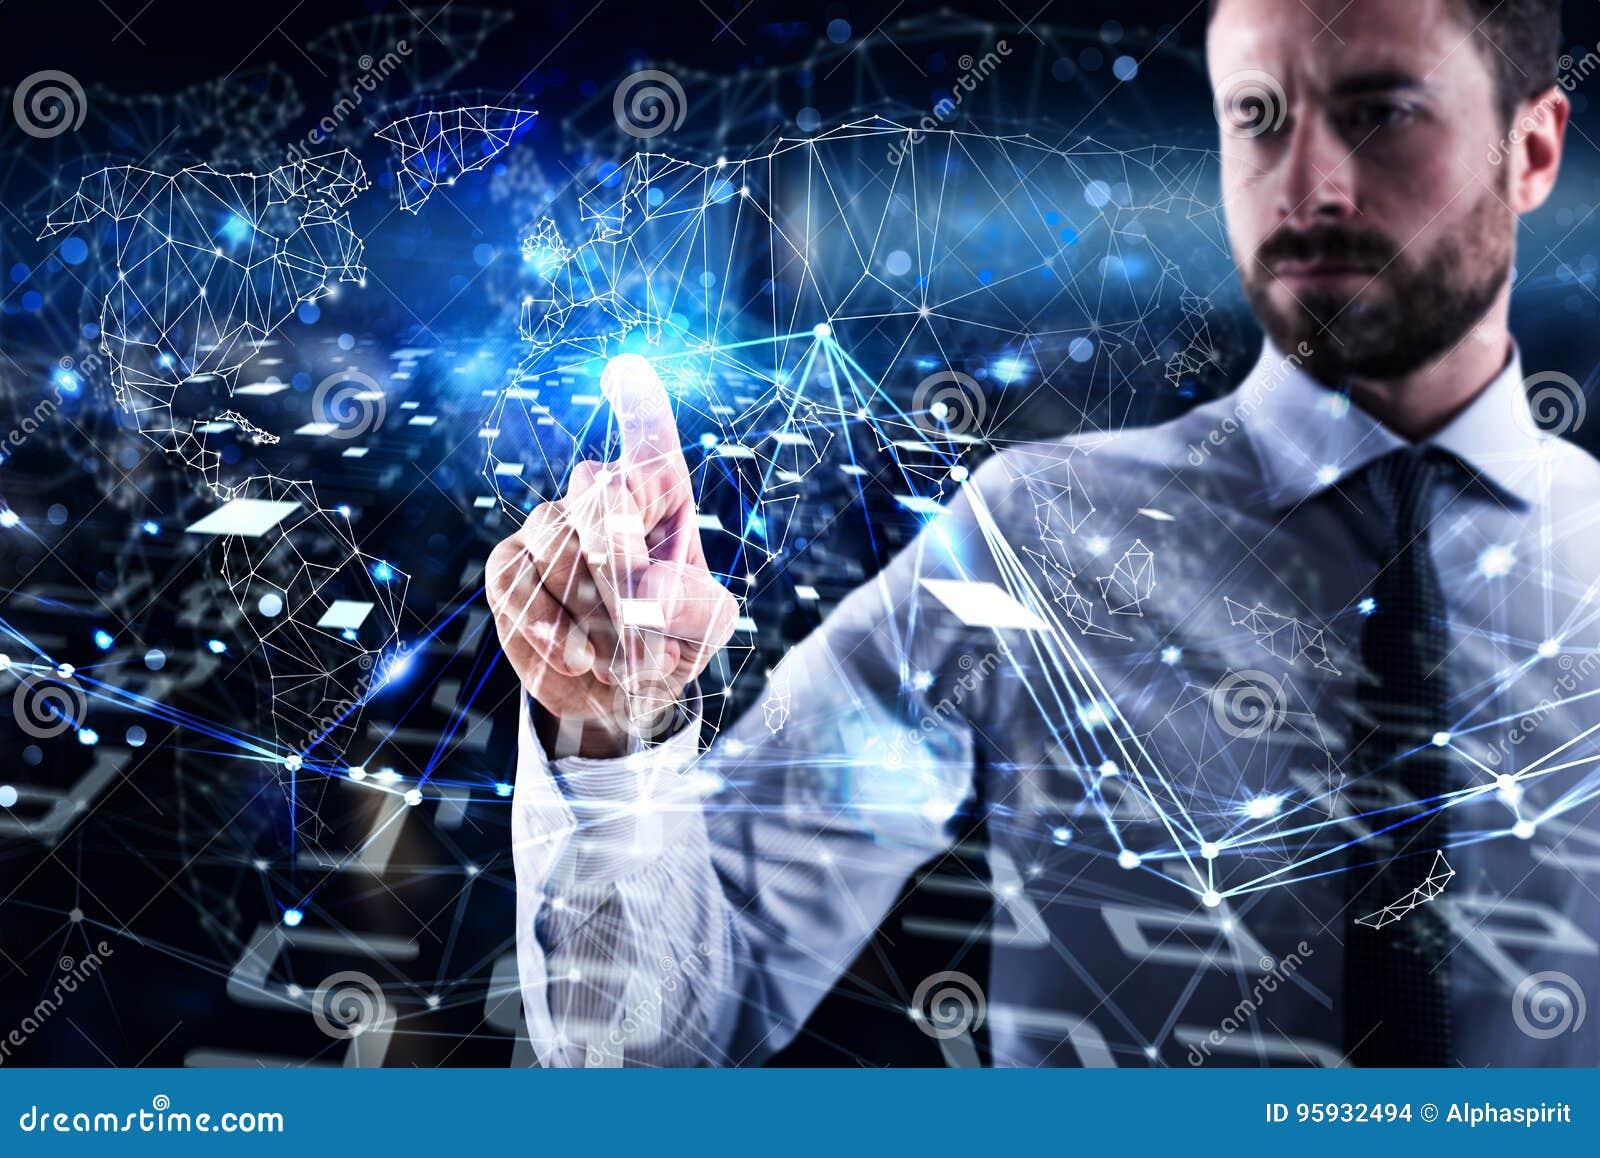 Mężczyzna łączy globalny świat Pojęcie interconnection, internet i sieć,